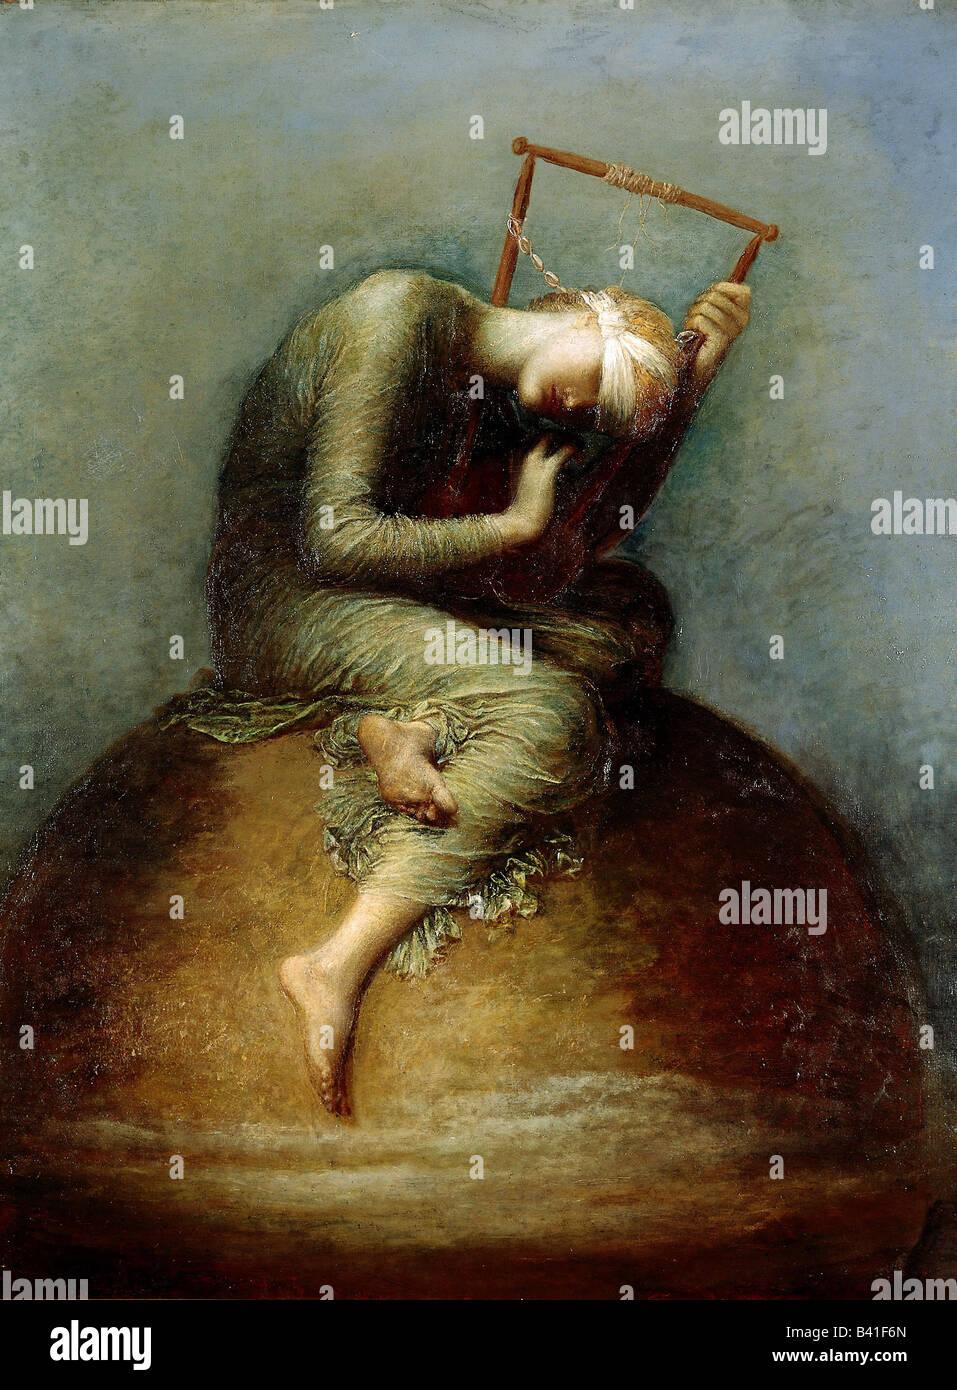 """Belle arti - Watt, George Frederic (1817 - 1904), pittura, """"speranza"""", 1885, olio su tela, 141 x 110 cm, la Tate Foto Stock"""